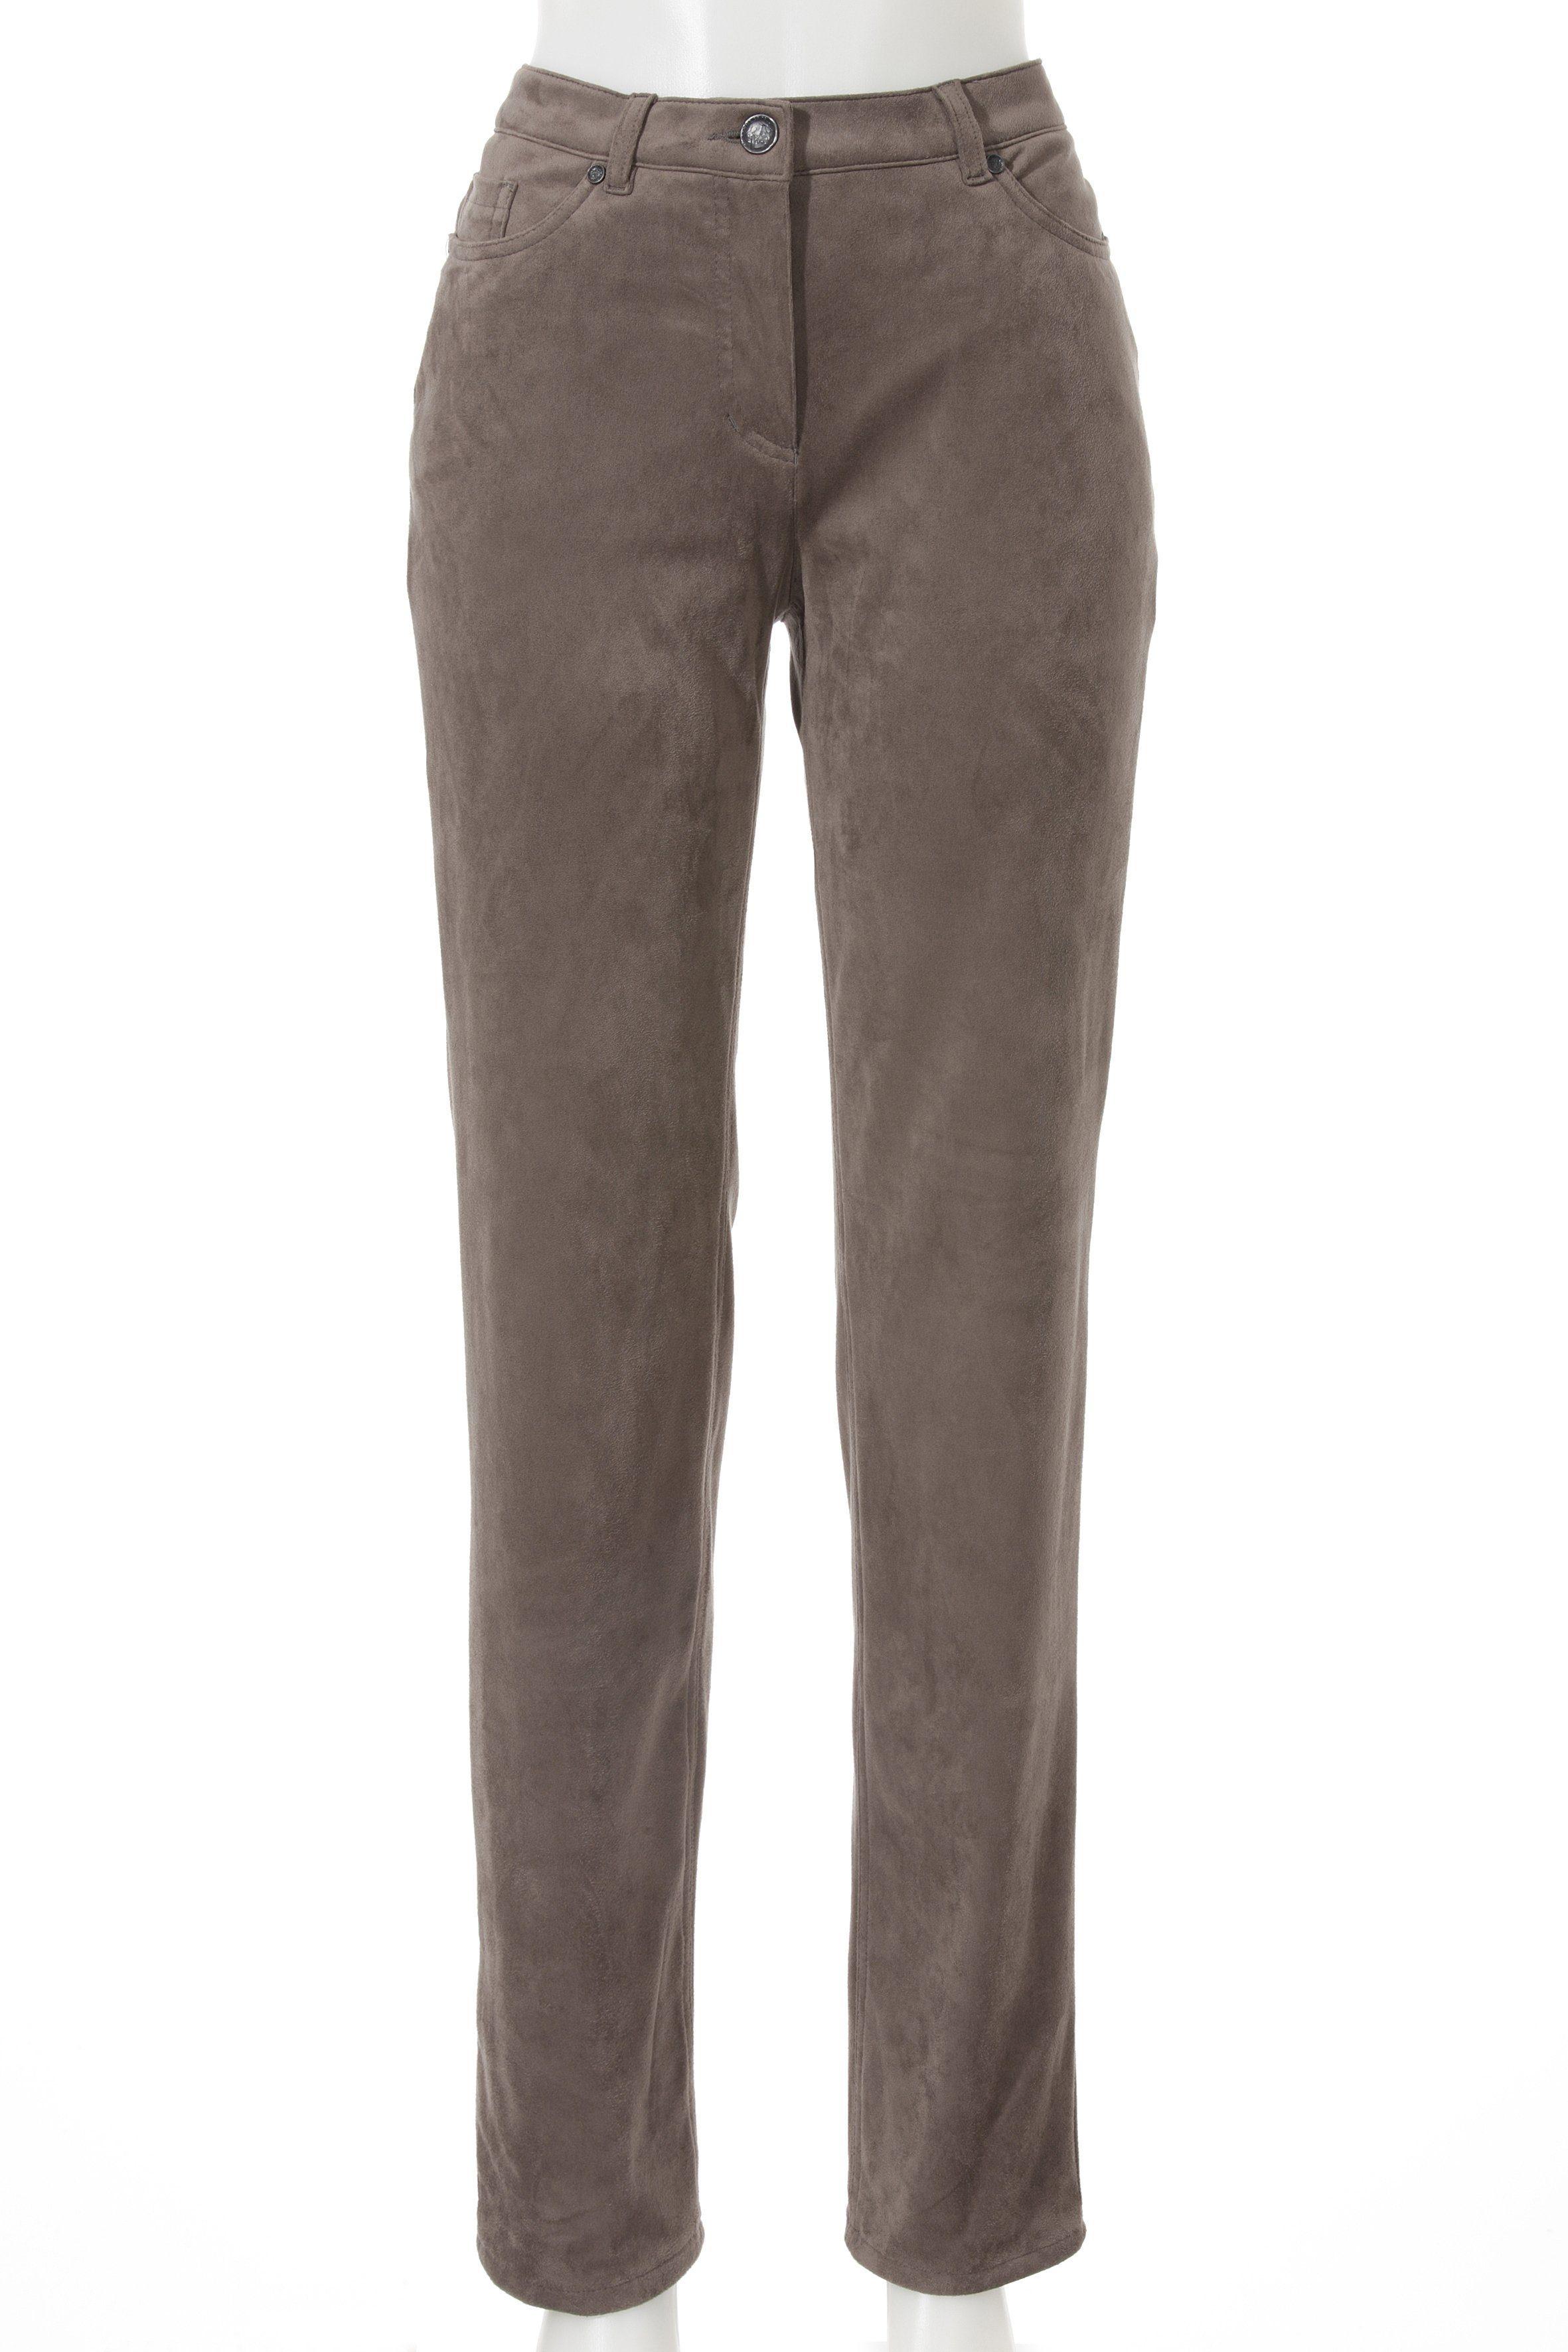 Stark 5 Pocket Hose in Veloursleder-Optik | Bekleidung > Hosen > 5-Pocket-Hosen | Stark